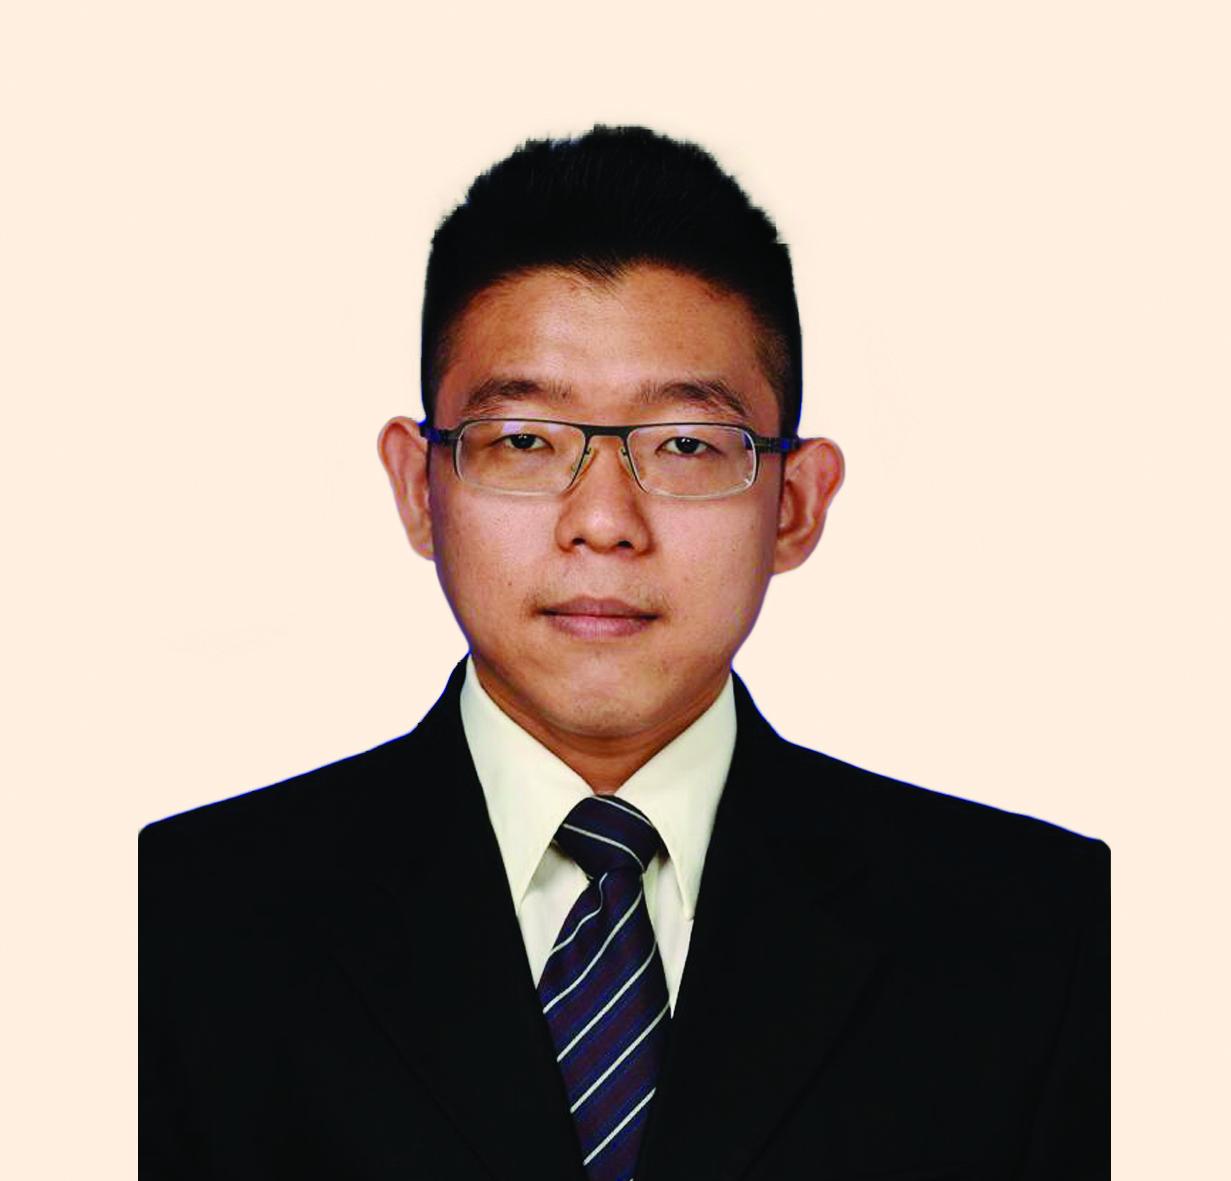 Kweh Ting Jing